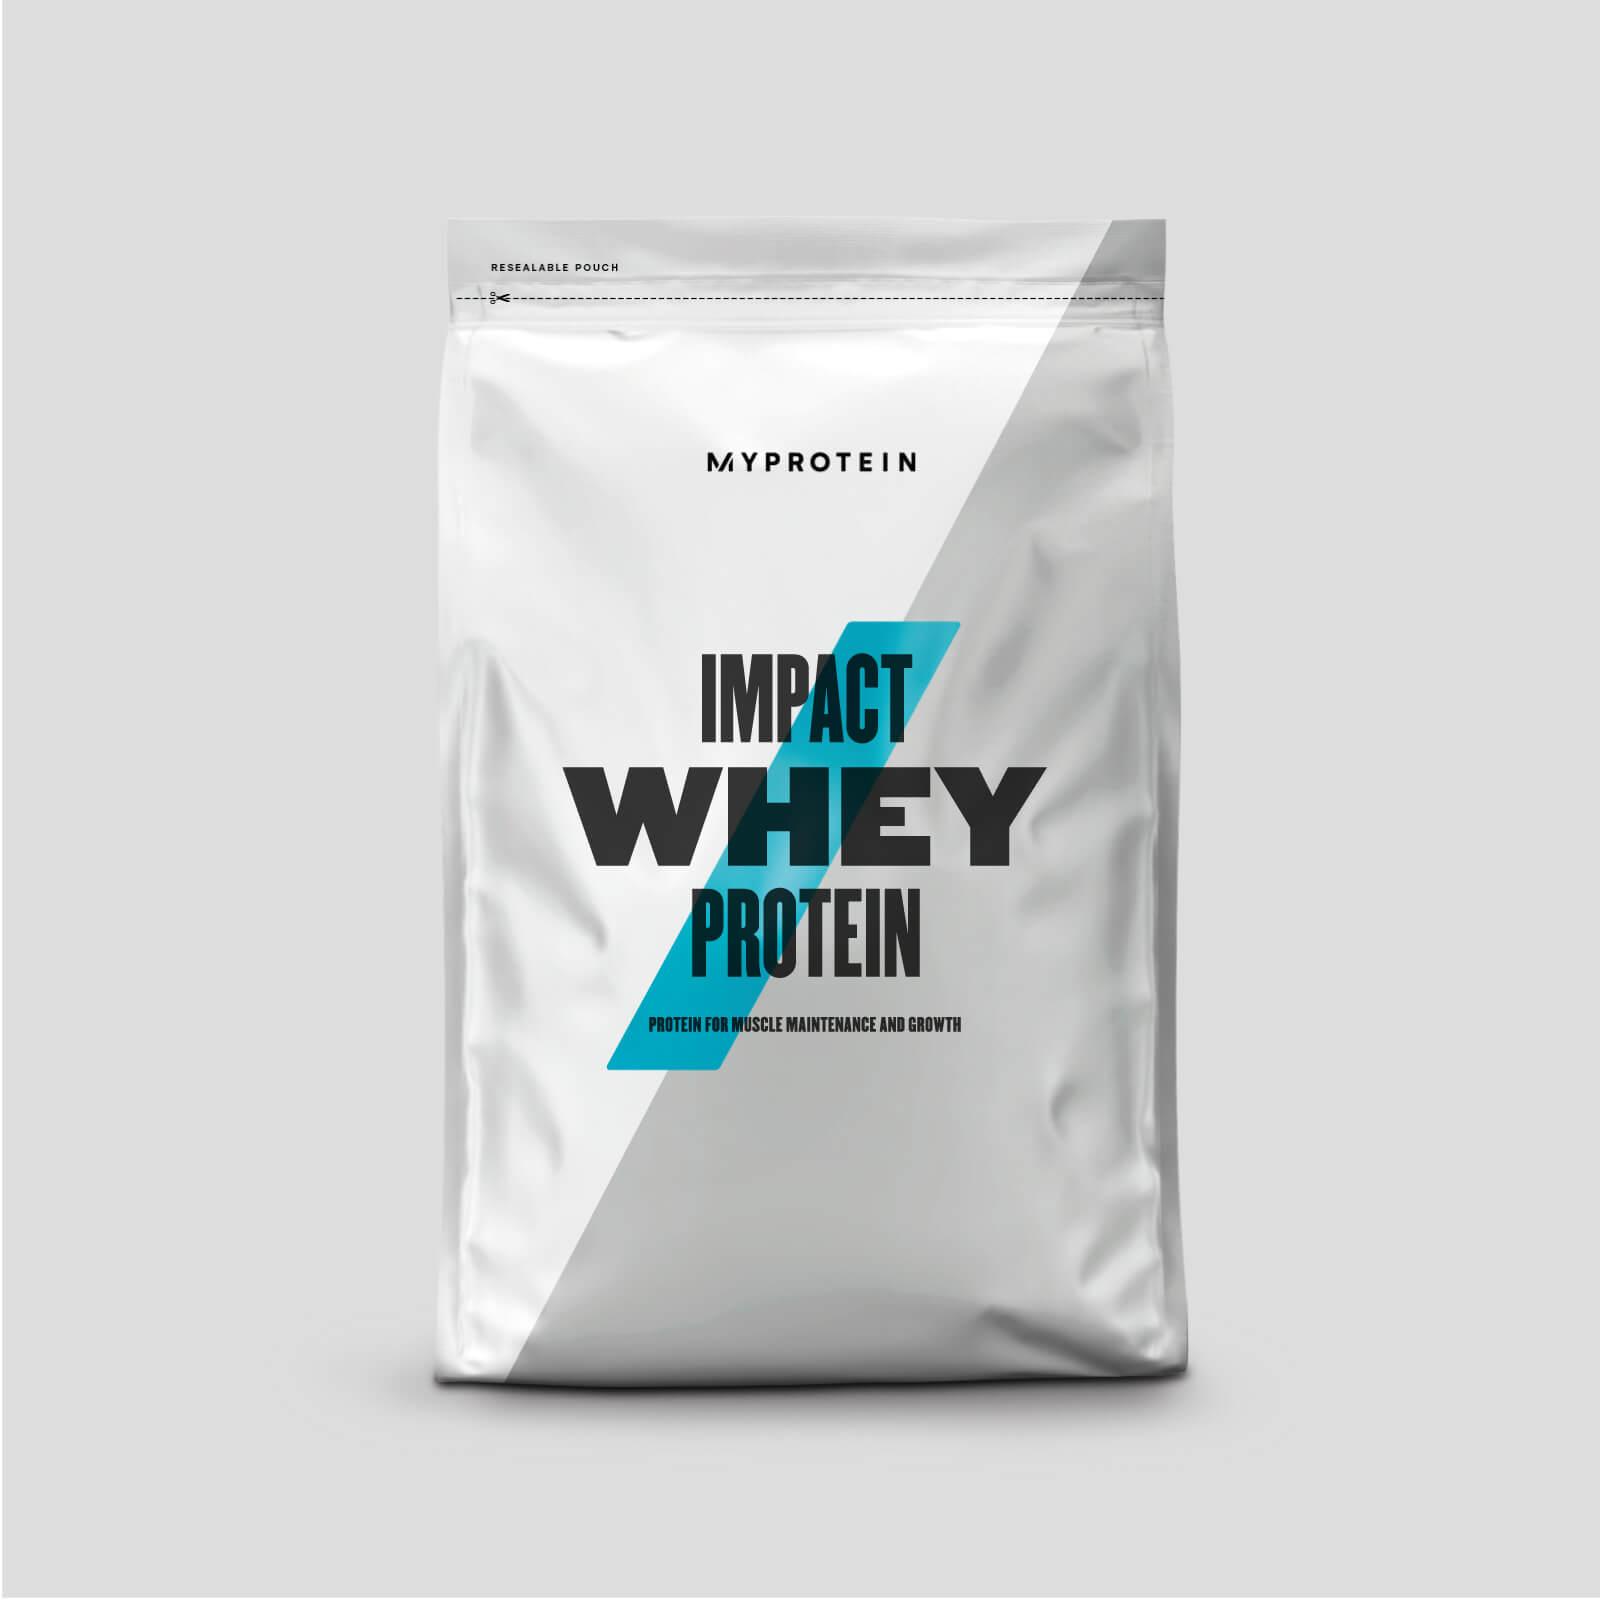 Сывороточный протеин (Impact Whey Protein) - 2.5kg - Мокка  - Купить